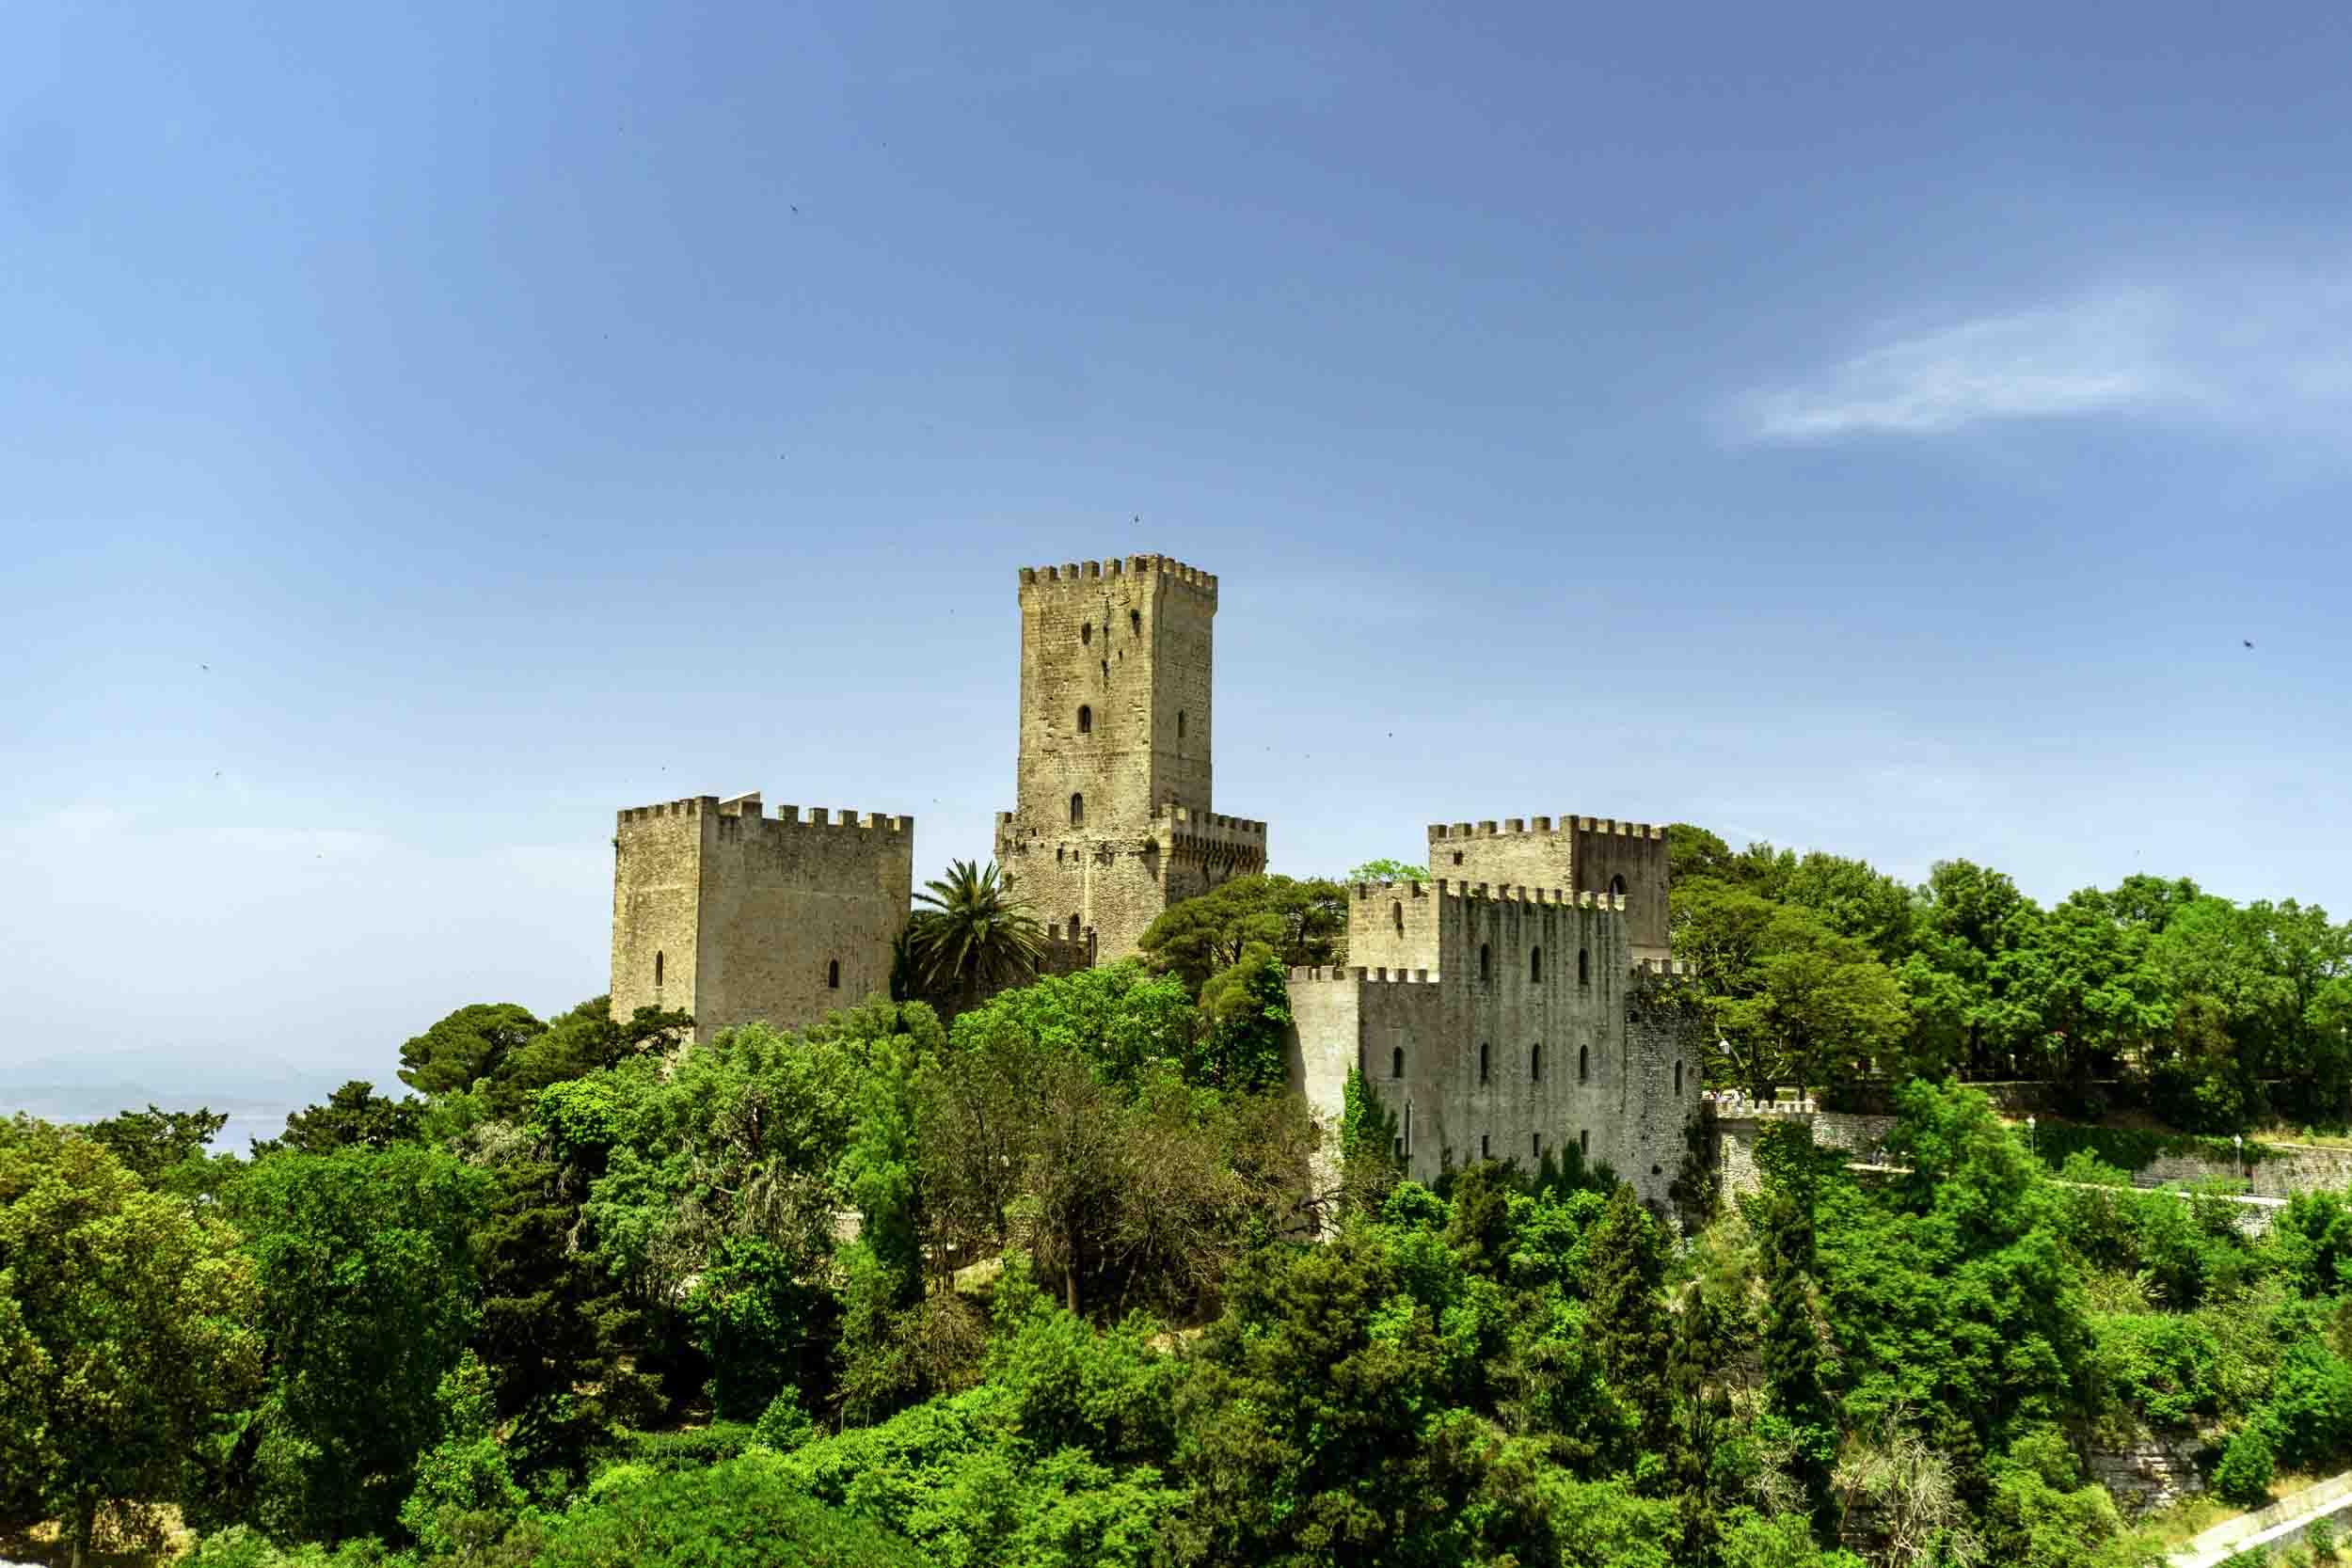 Sicilian castles: Venus castle of Erice